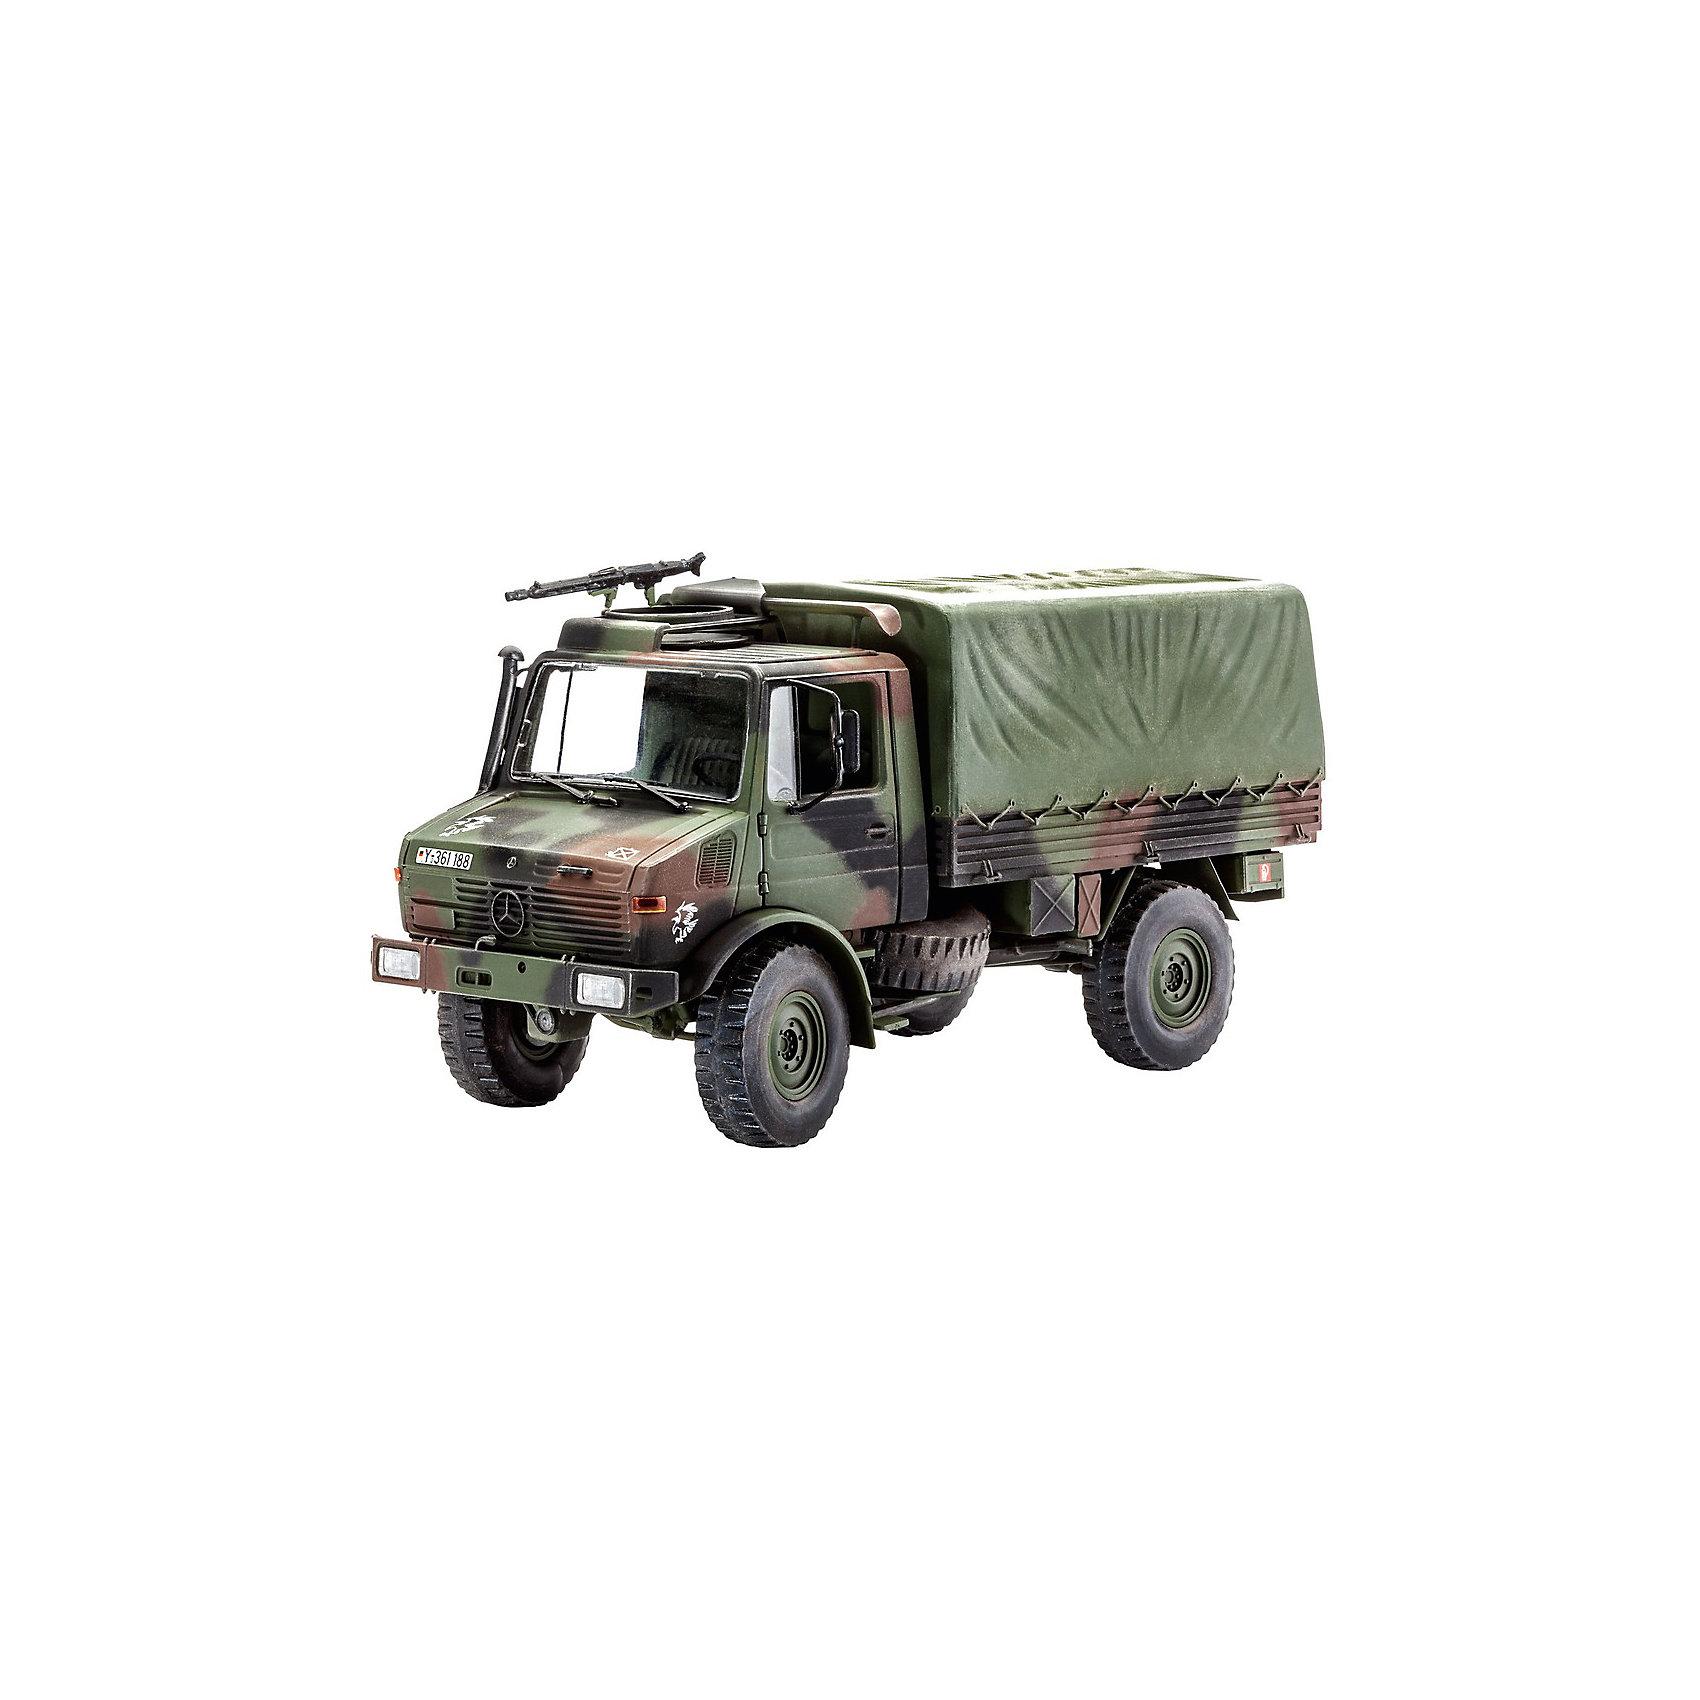 Военный автомобиль Унимог (Lkw 2t tmilgl)Модели для склеивания<br>Характеристики товара:<br><br>• возраст: от 10 лет;<br>• масштаб: 1:35;<br>• количество деталей: 190 шт;<br>• материал: пластик; <br>• клей и краски в комплект не входят;<br>• длина модели: 15,5 см;<br>• бренд, страна бренда: Revell (Ревел), Германия;<br>• страна-изготовитель: Польша.<br><br>Сборная модель «Военный автомобиль Унимог (Lkw 2t tmilgl)» поможет вам и вашему ребенку собрать точную копию военного автомобиля, выполненную в масштабе 1:35 из высококачественного пластика.<br><br>В 1978 г. на вооружение германской армии поступили первые 12 000 грузовиков Unimog, ставшие известными как «двухтонники». Это очень универсальное транспортное средство было разработано специально для нужд армии. Конструктивно рассчитанный на перевозку грузов весом 2250 кг, он тем не менее способен взять груз до 7500 кг. 130-сильный дизельный двигатель OM 352 позволяет грузовику развивать максимальную скорость до 82 км/ч. Кроме того на всех грузовиках Unimog устанавливалась поворотная площадка, на которой можно смонтировать любое подходящее оружие. <br><br>В комплект набора для склеивания и раскрашивания входит 190 пластиковых деталей, а также подробная иллюстрирована инструкция. Обращаем ваше внимание на тот факт, что для сборки этой модели клей и краски в комплект не входят. <br><br>Моделирование — это очень увлекательное и полезное занятие, которое по достоинству оценят не только дети, но и взрослые, увлекающиеся военной техникой. Сборка моделей поможет ребенку развить воображение, мелкую моторику ручек и логическое мышление.<br><br>Сборную модель «Военный автомобиль Унимог (Lkw 2t tmilgl)», 190 дет., Revell (Ревел) можно купить в нашем интернет-магазине.<br><br>Ширина мм: 238<br>Глубина мм: 59<br>Высота мм: 368<br>Вес г: 375<br>Возраст от месяцев: 72<br>Возраст до месяцев: 1164<br>Пол: Мужской<br>Возраст: Детский<br>SKU: 1649413